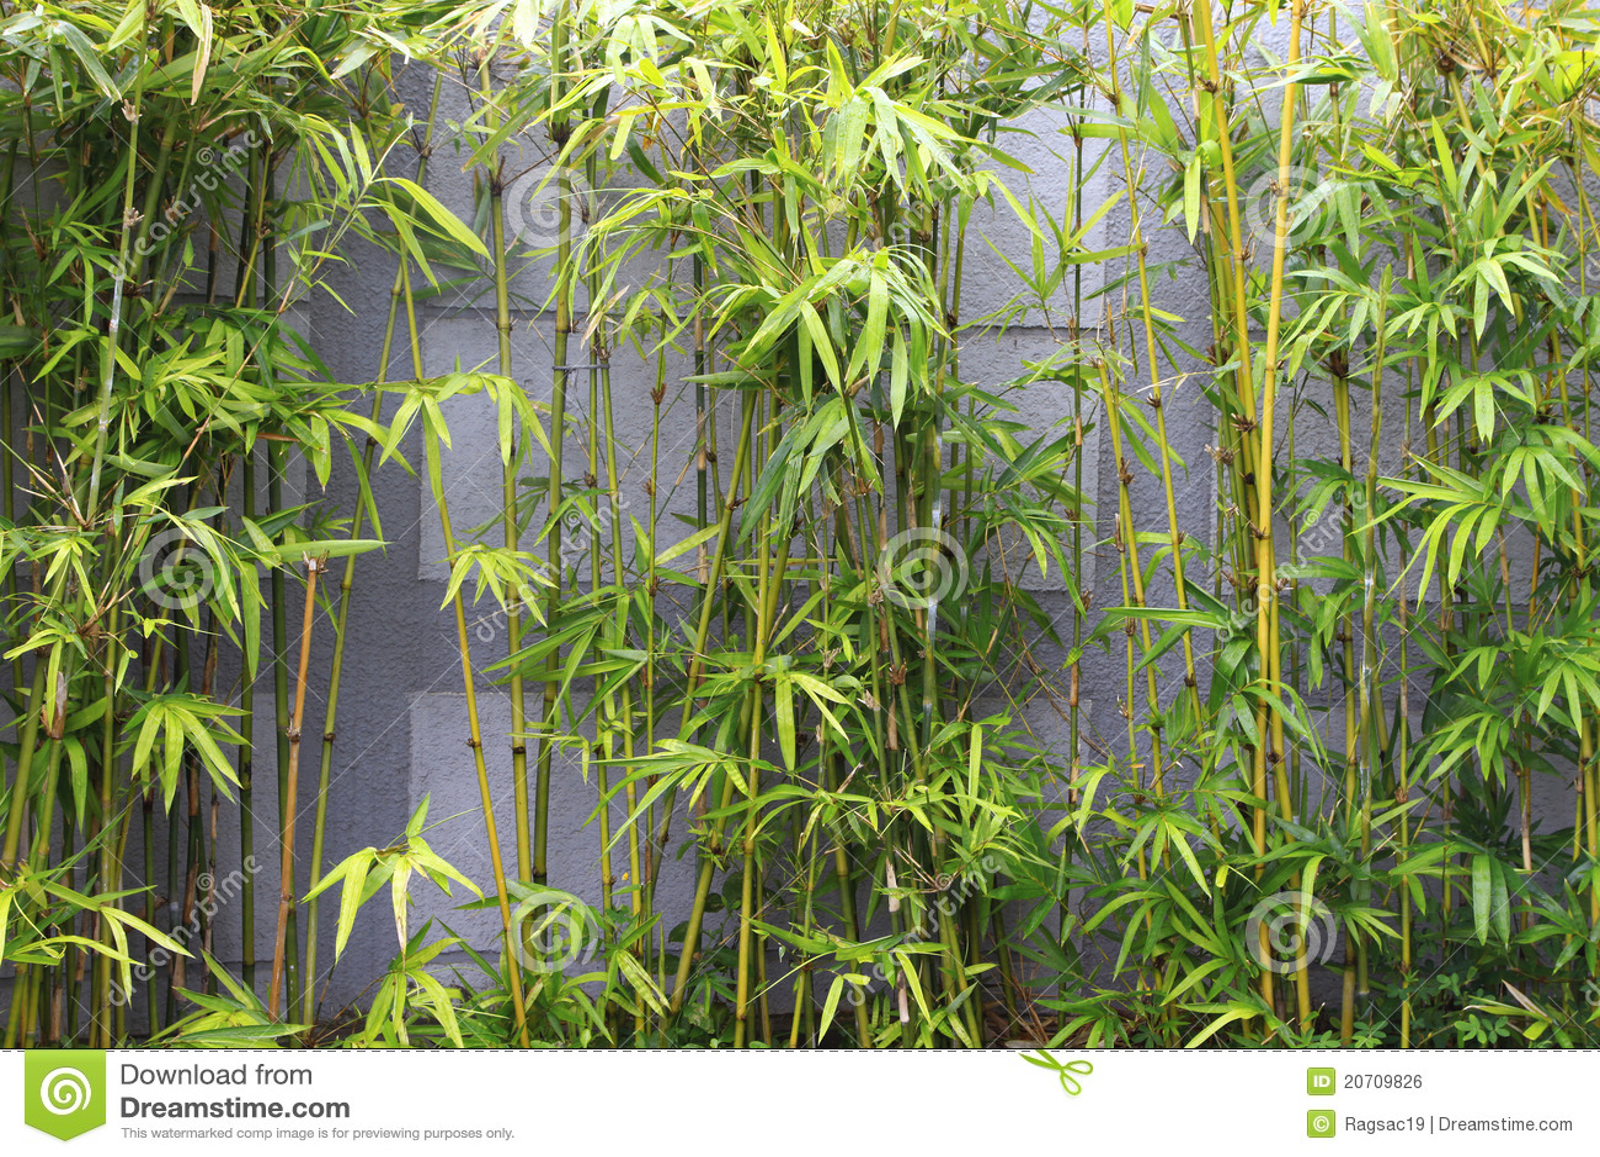 Jardín De Bambú Imagen de archivo libre de regalías  Imagen